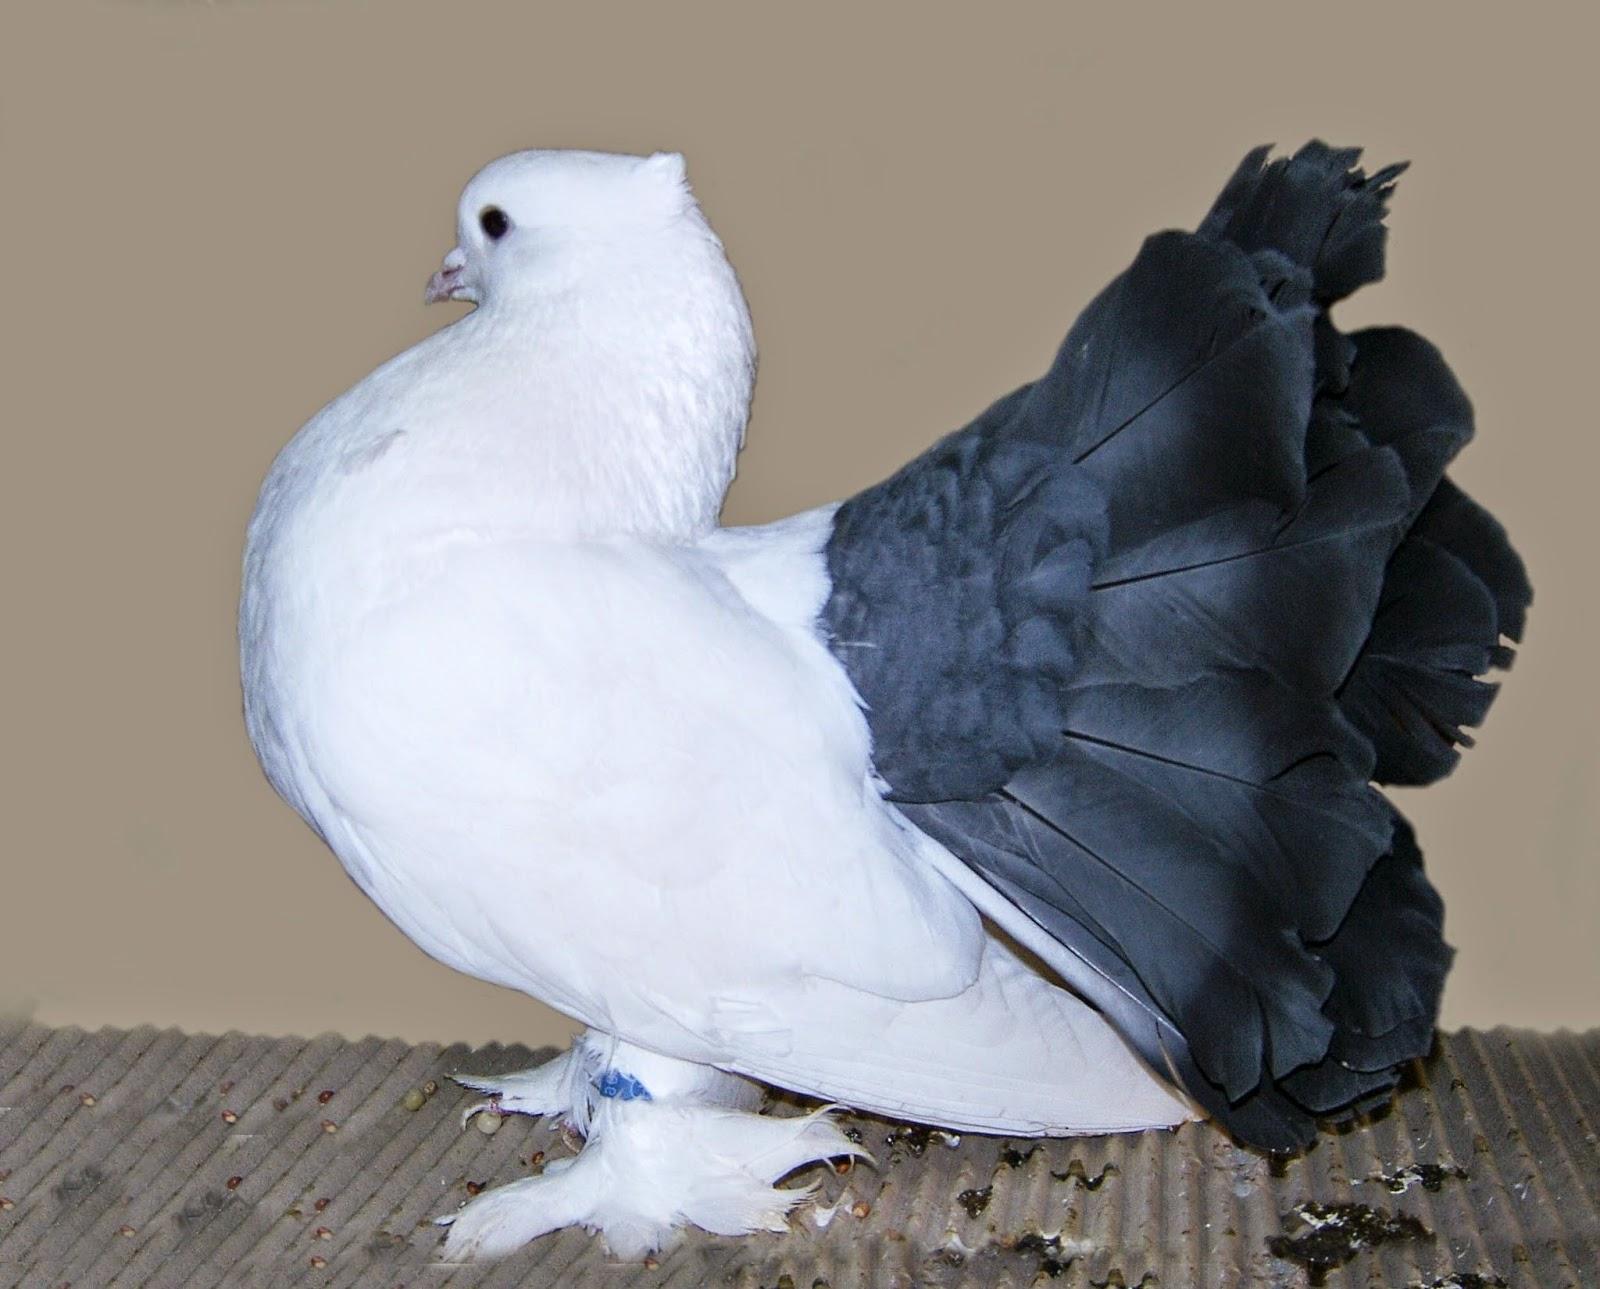 بالصور حمام هزاز , اكثر انواع الحمام جمالا غير كل الطيور الاخرى 3268 7